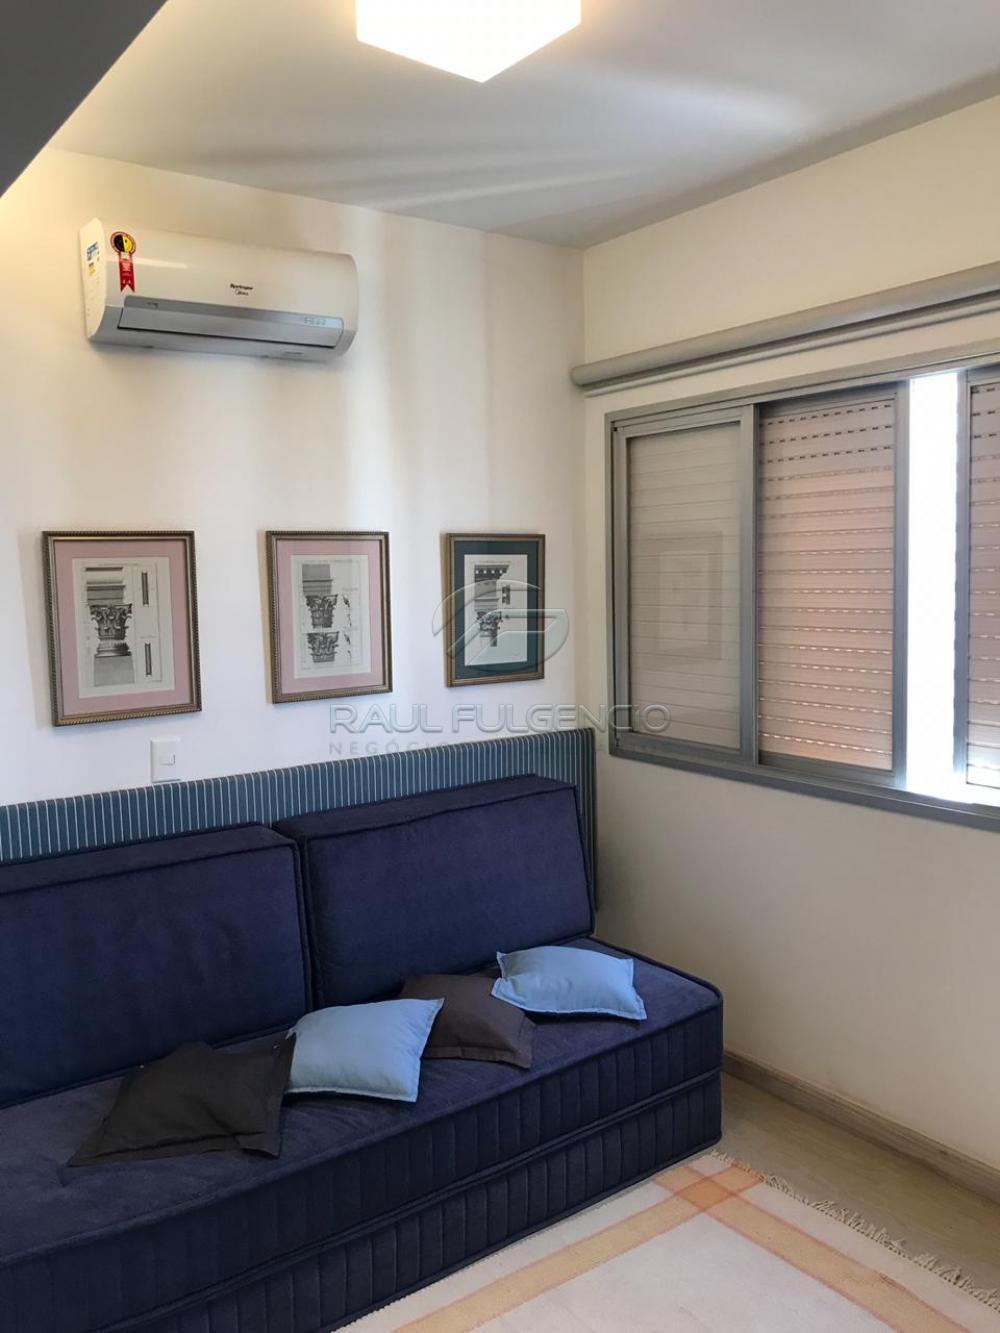 Comprar Apartamento / Padrão em Londrina apenas R$ 350.000,00 - Foto 13